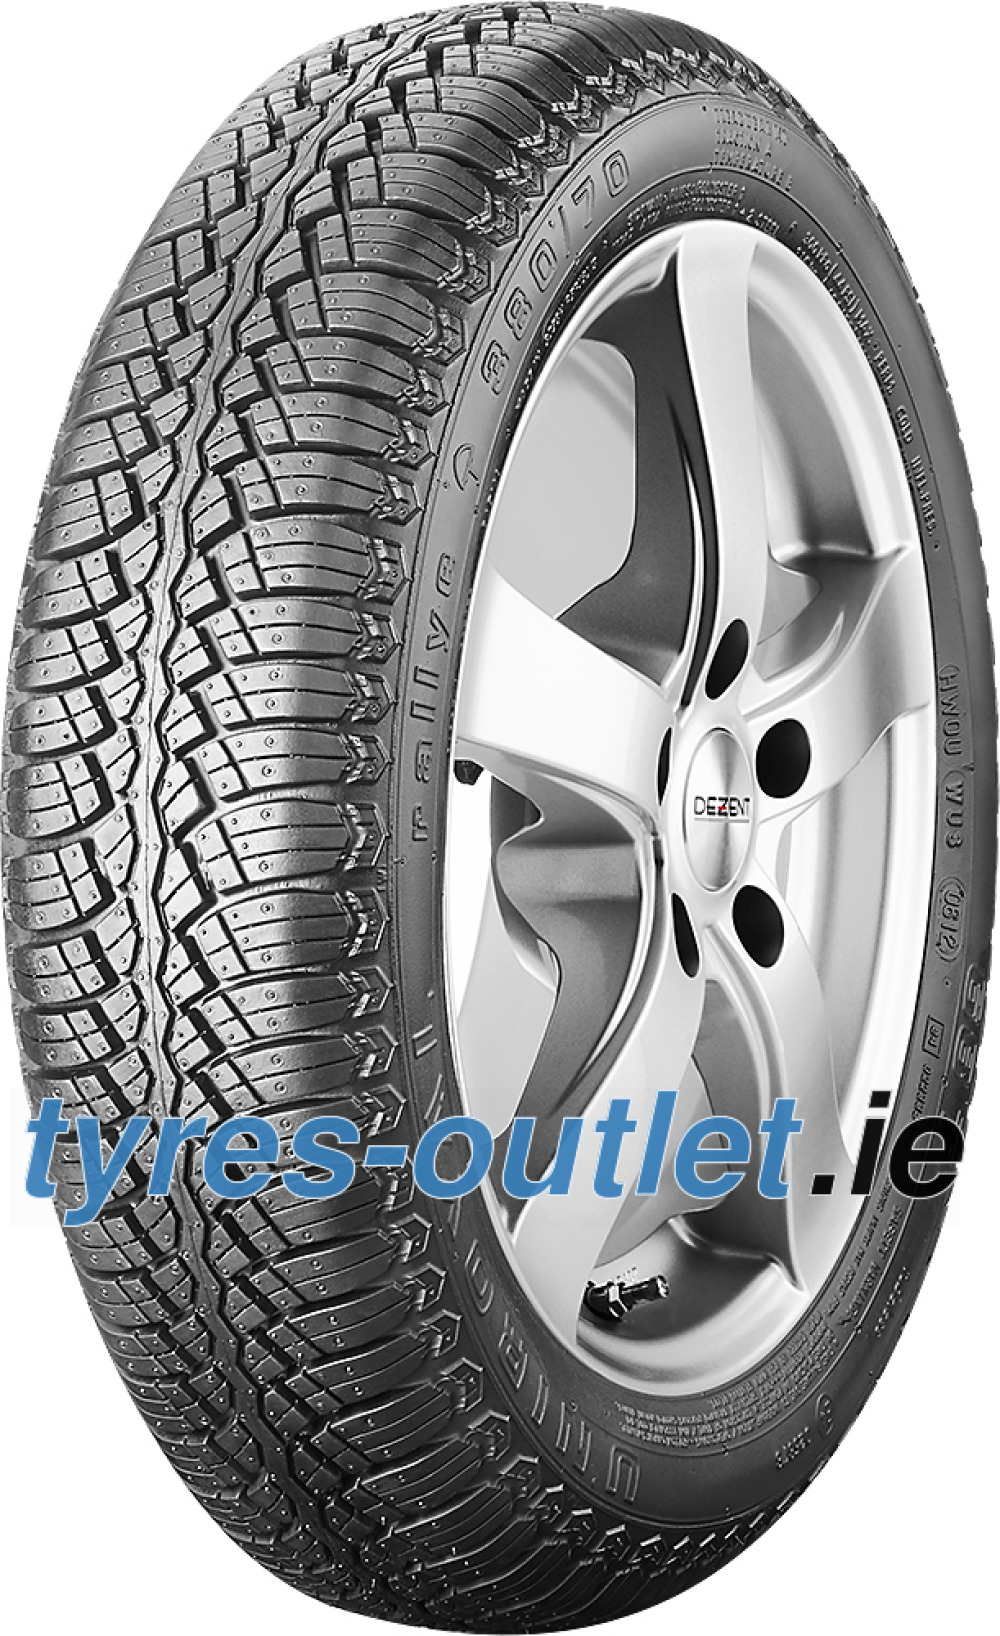 Uniroyal rallye 380 ( 175/80 R13 86T WW 20mm )